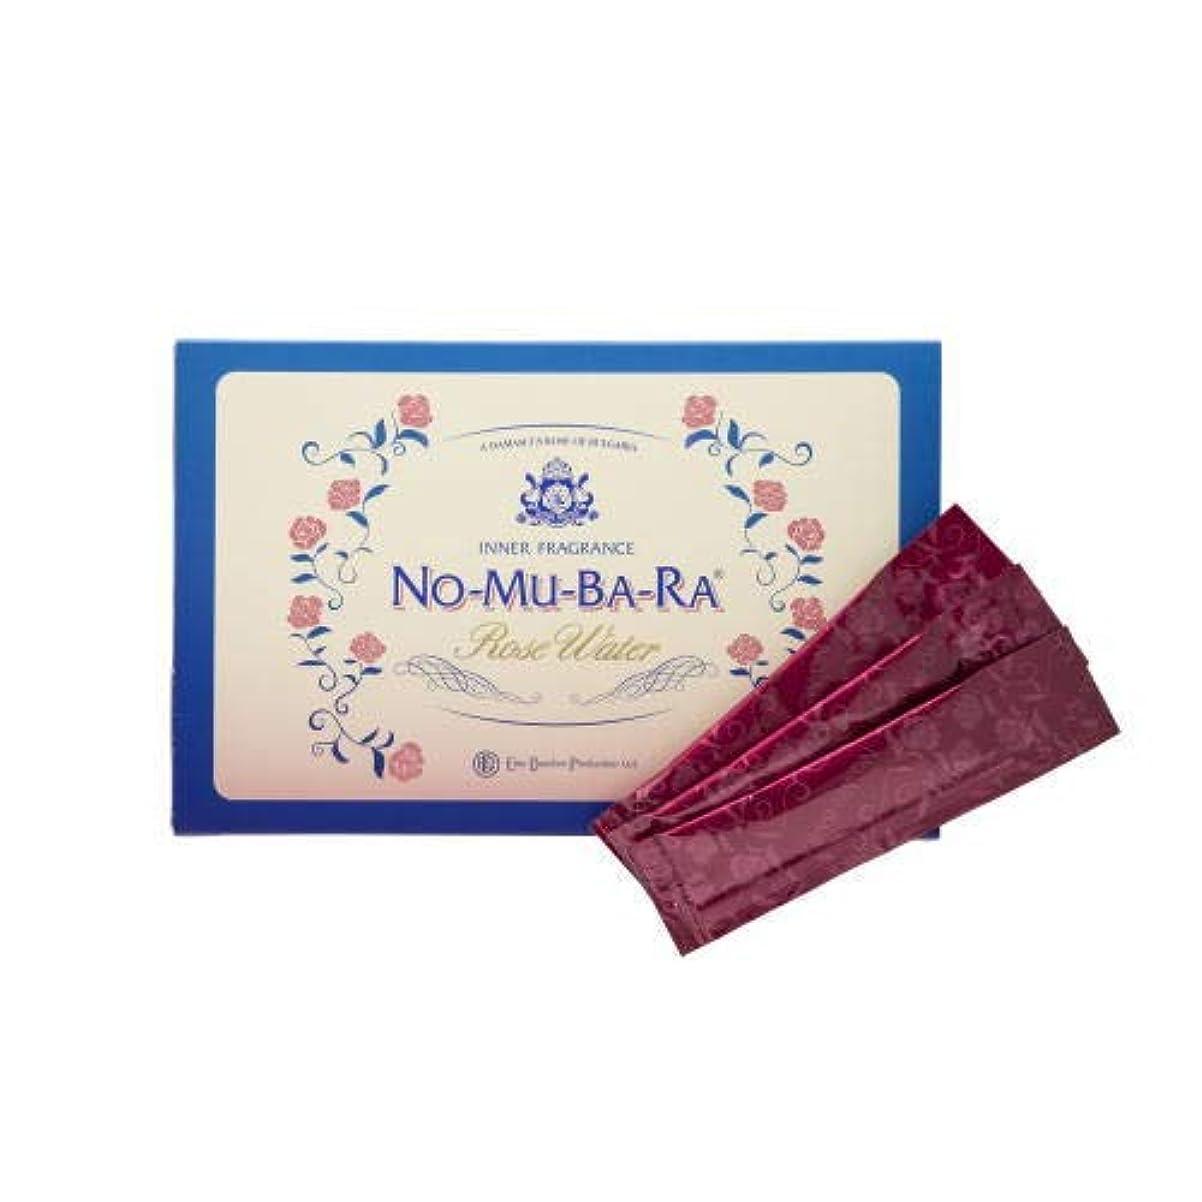 収益お誕生日伝染性のNO-MU-BA-RA NO-MU-BA-RA(ノムバラ)(35包入)×2箱【モンドセレクション受賞】